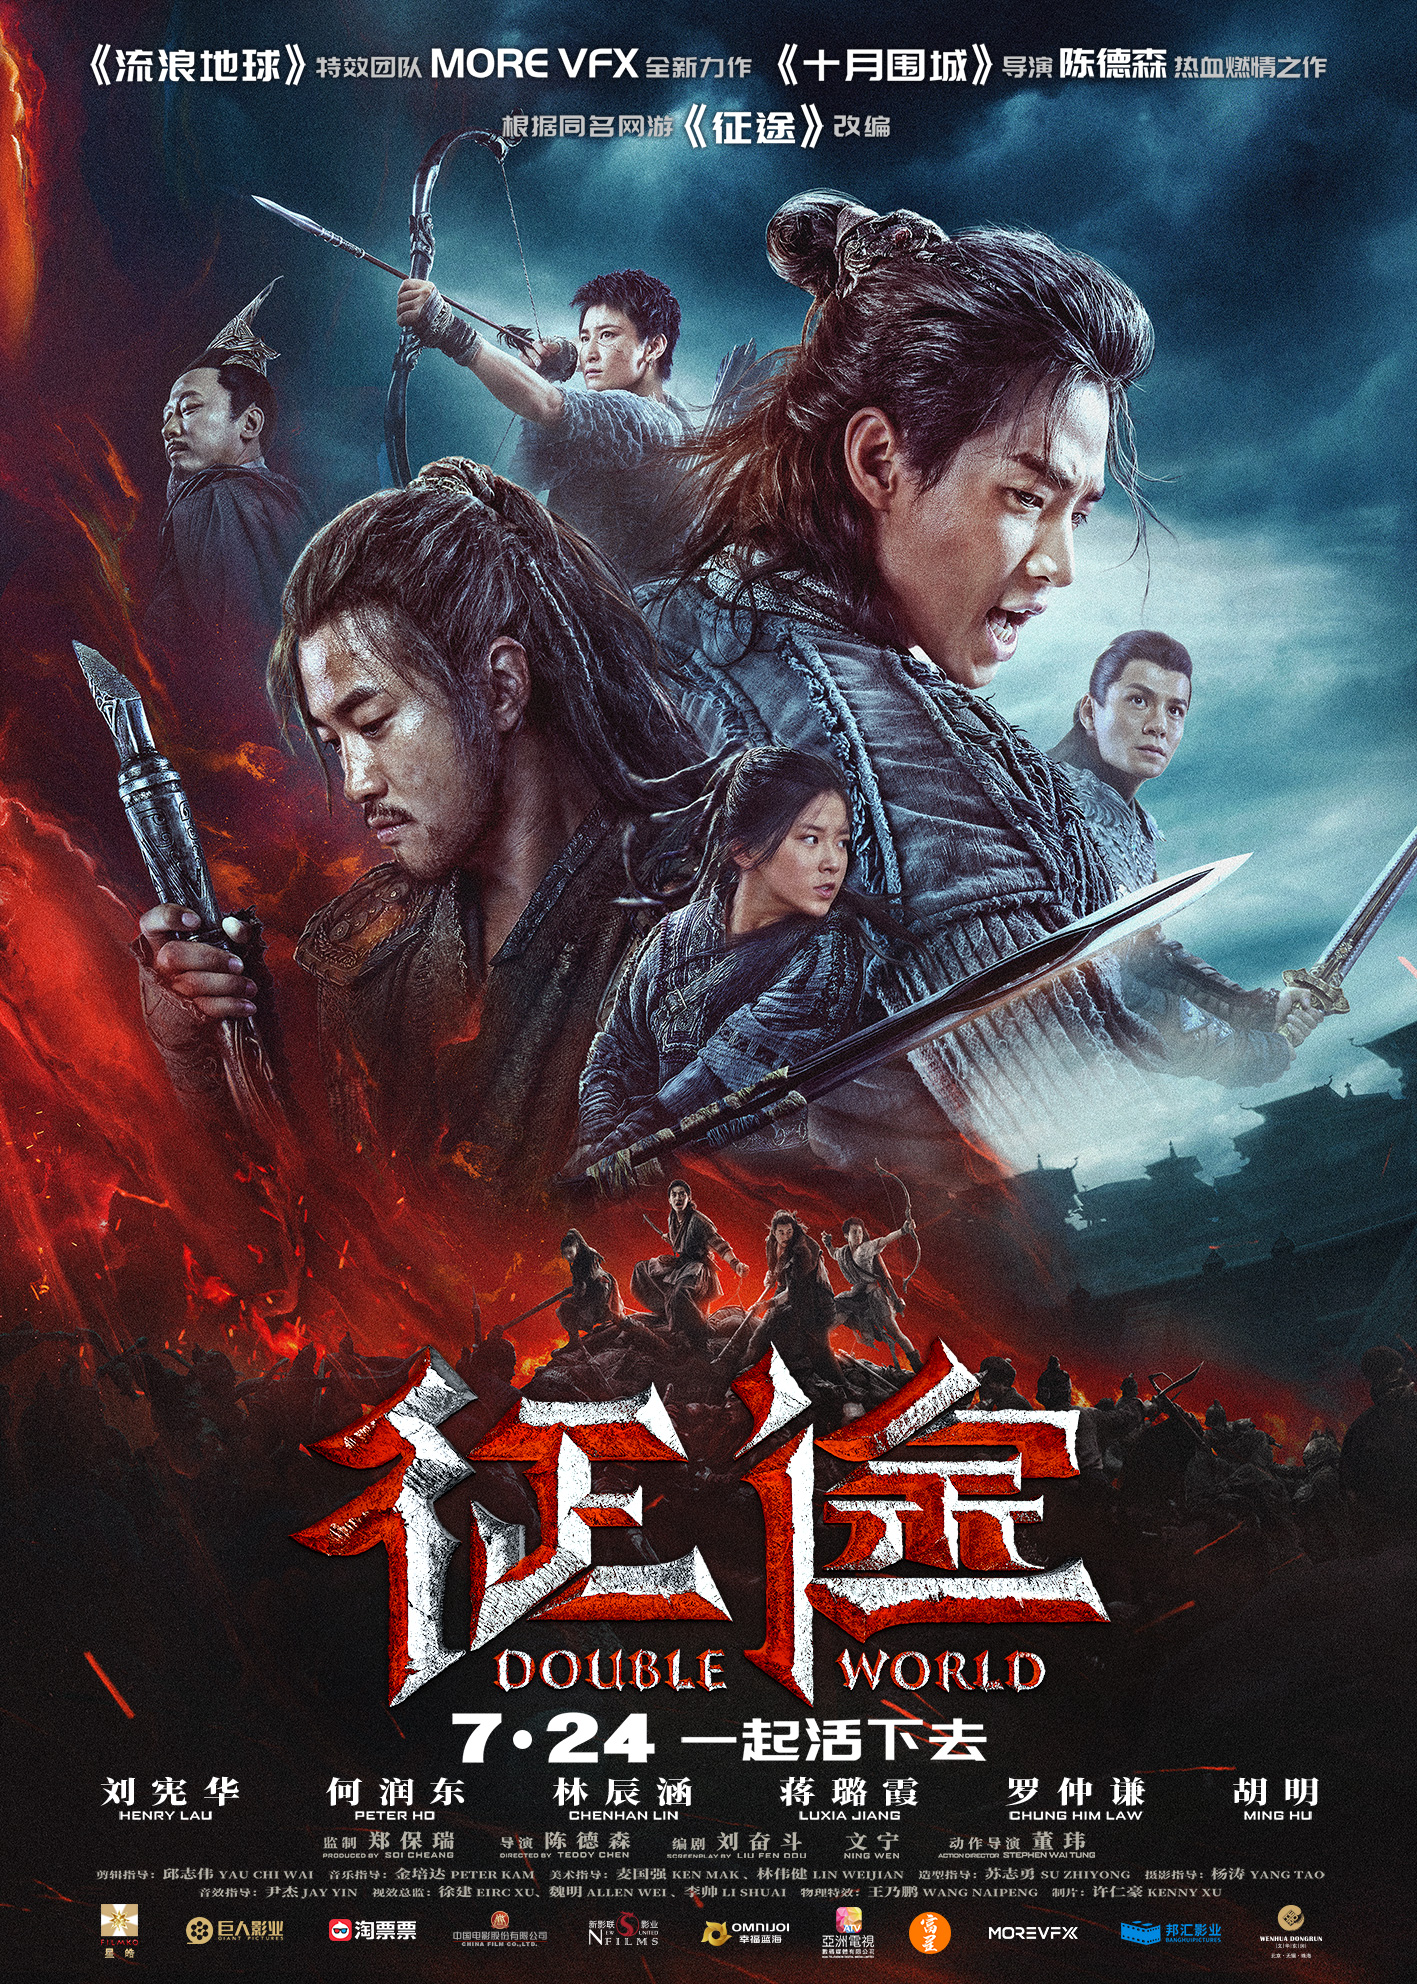 doubleworld_poster